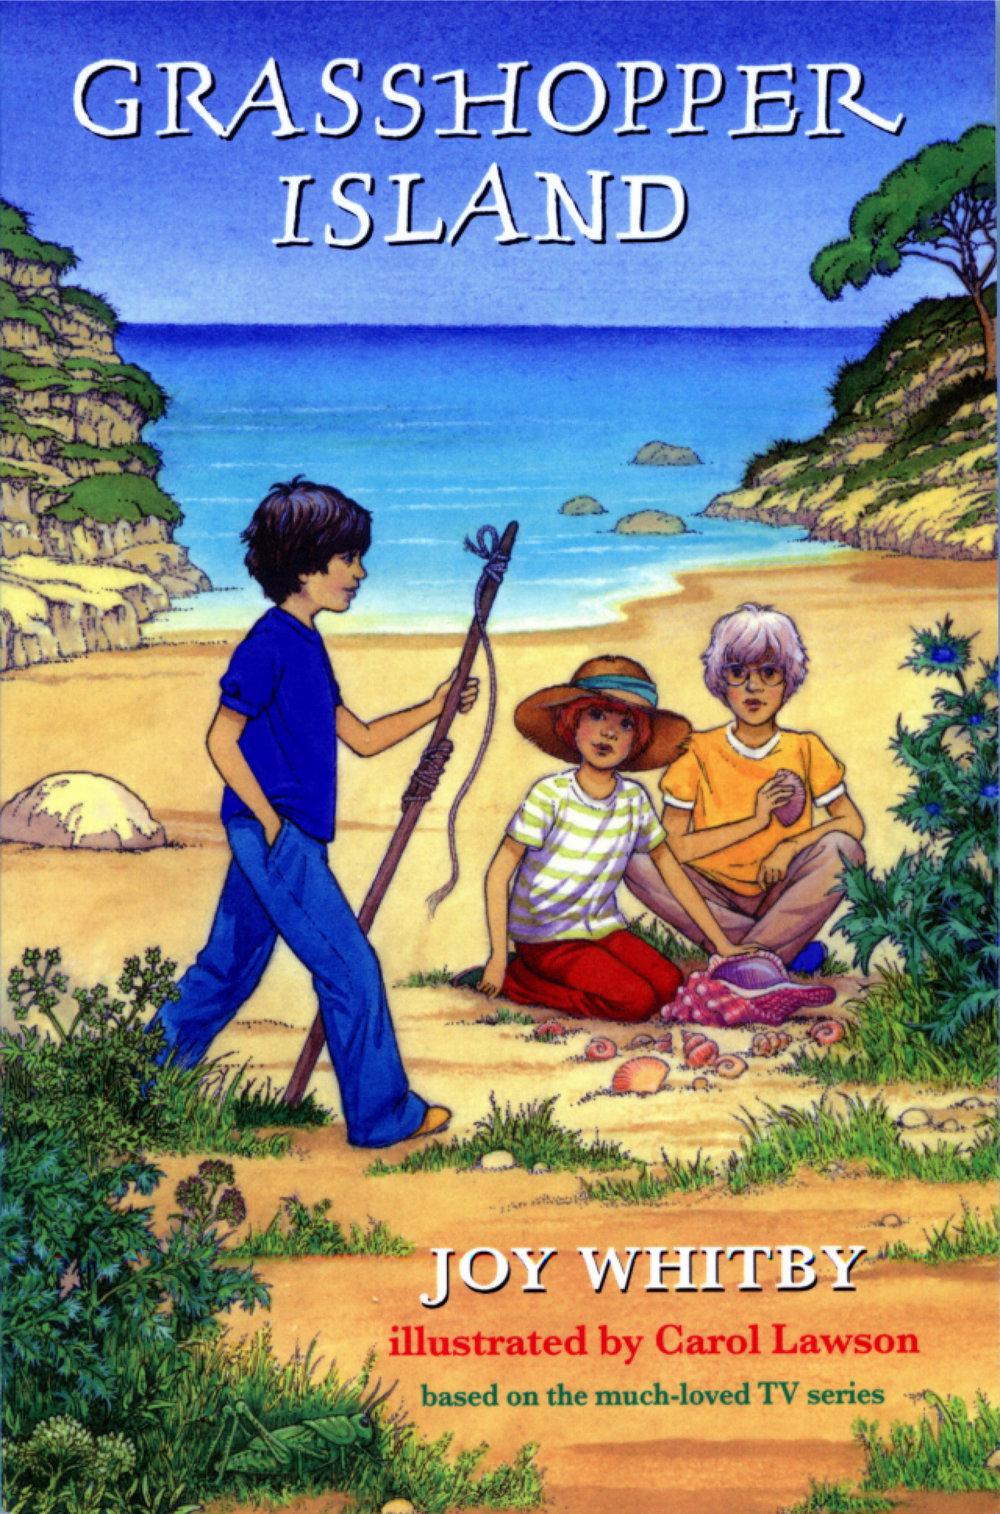 39 Grasshopper Island cover .jpg